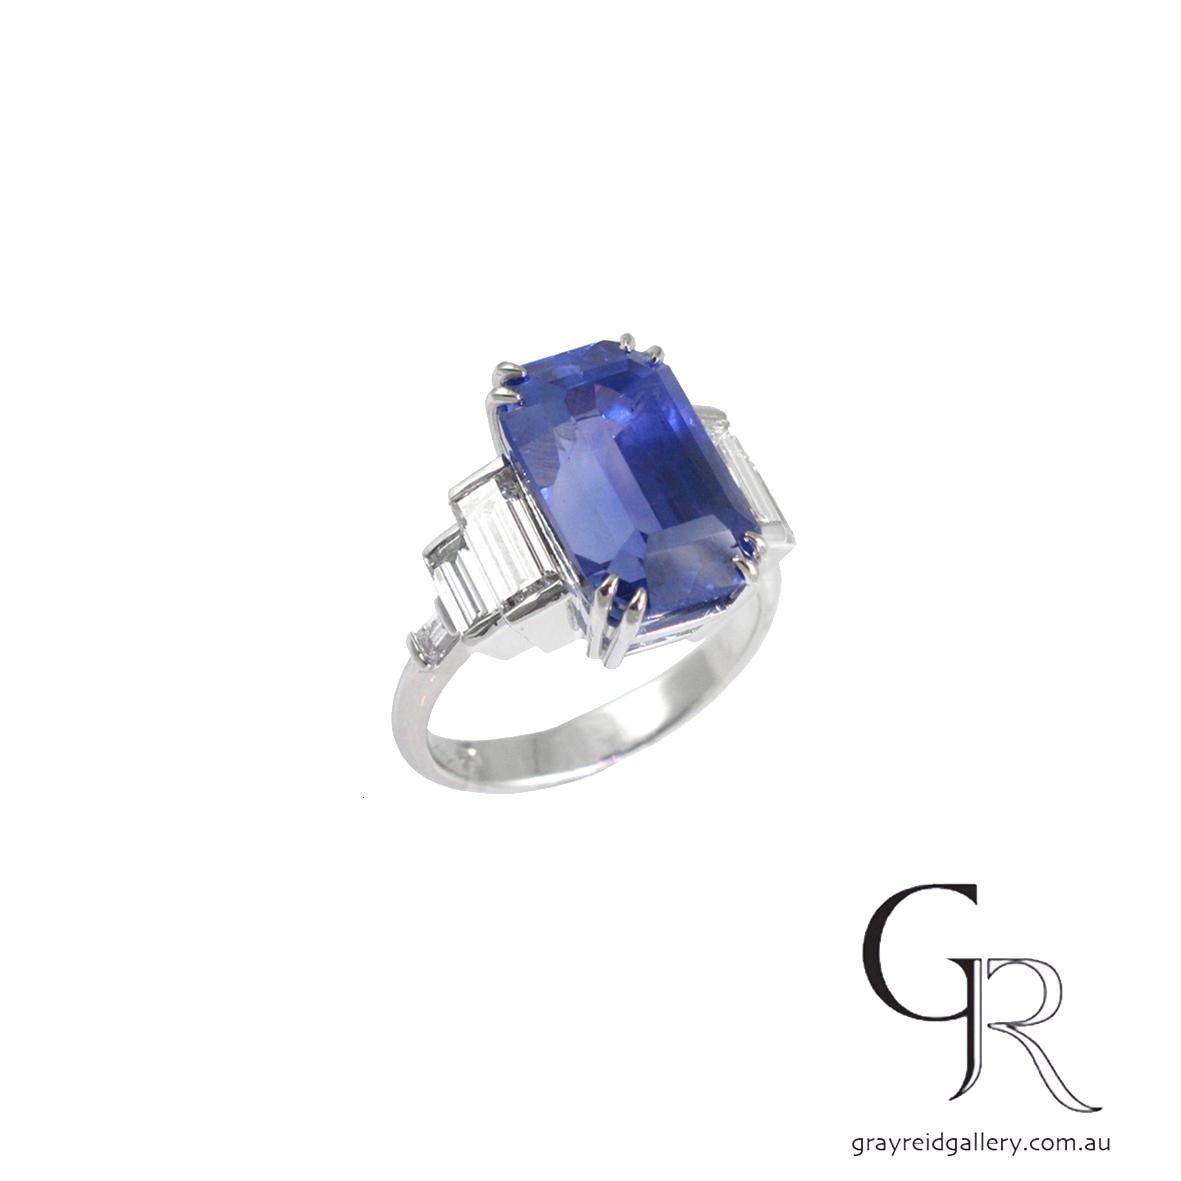 Engagement rings melbourne gray reid gallery 13.jpg